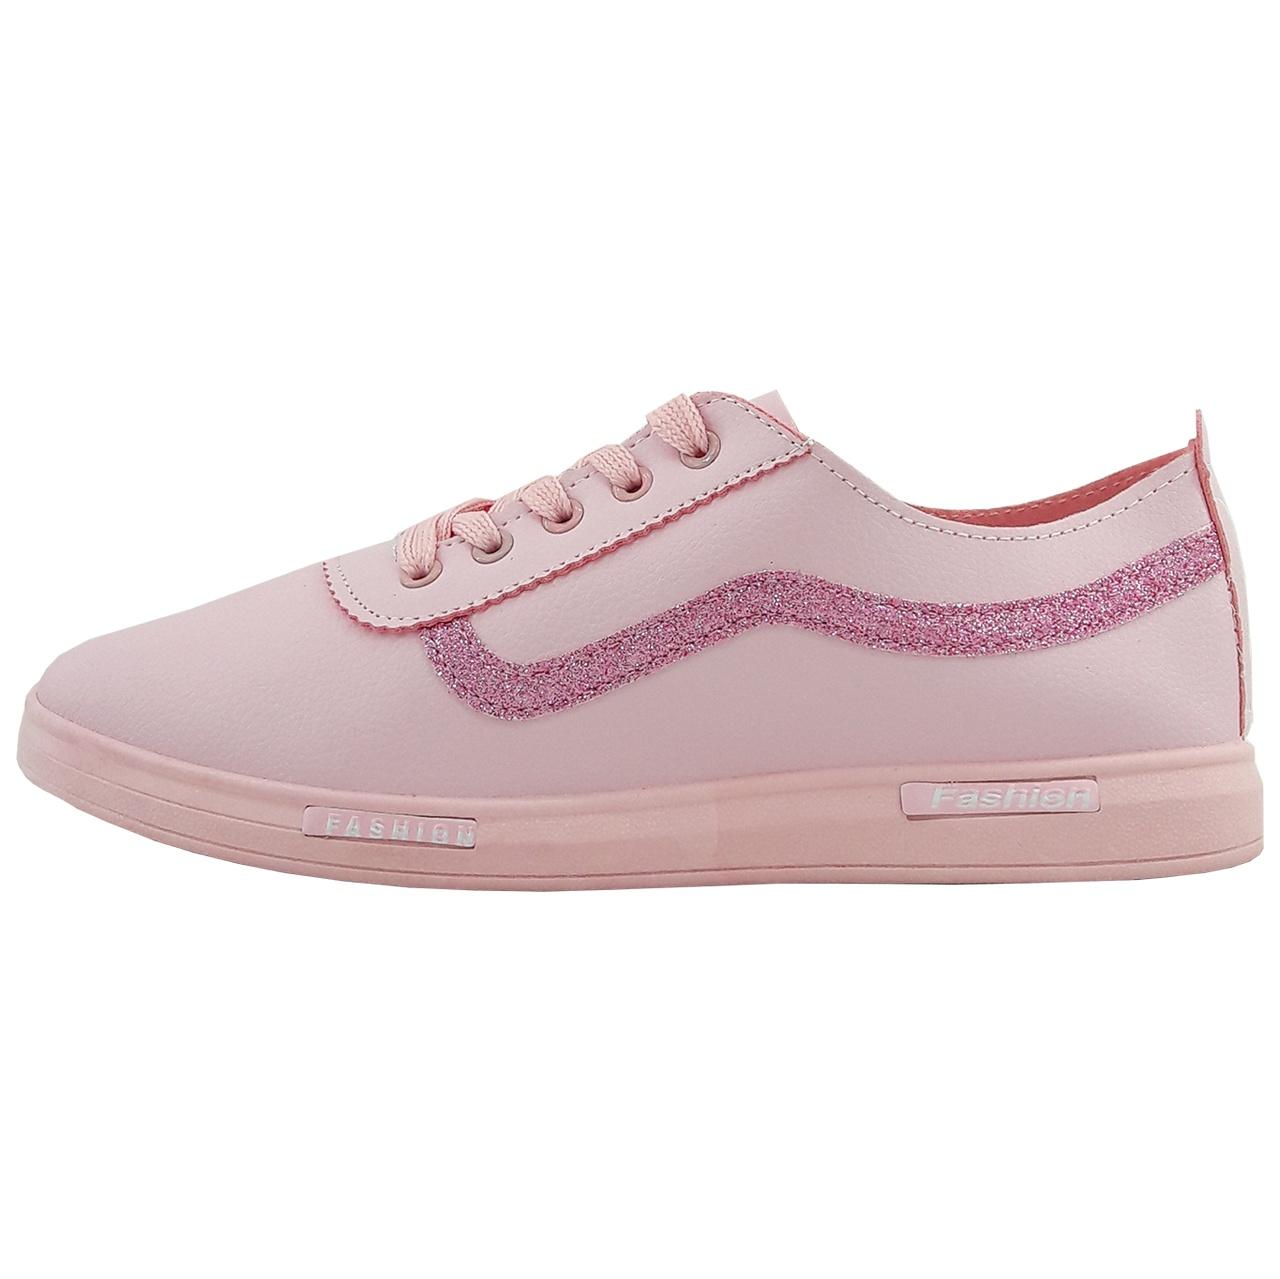 کفش مخصوص پیاده روی زنانه فشن مدل Vns.pnk01